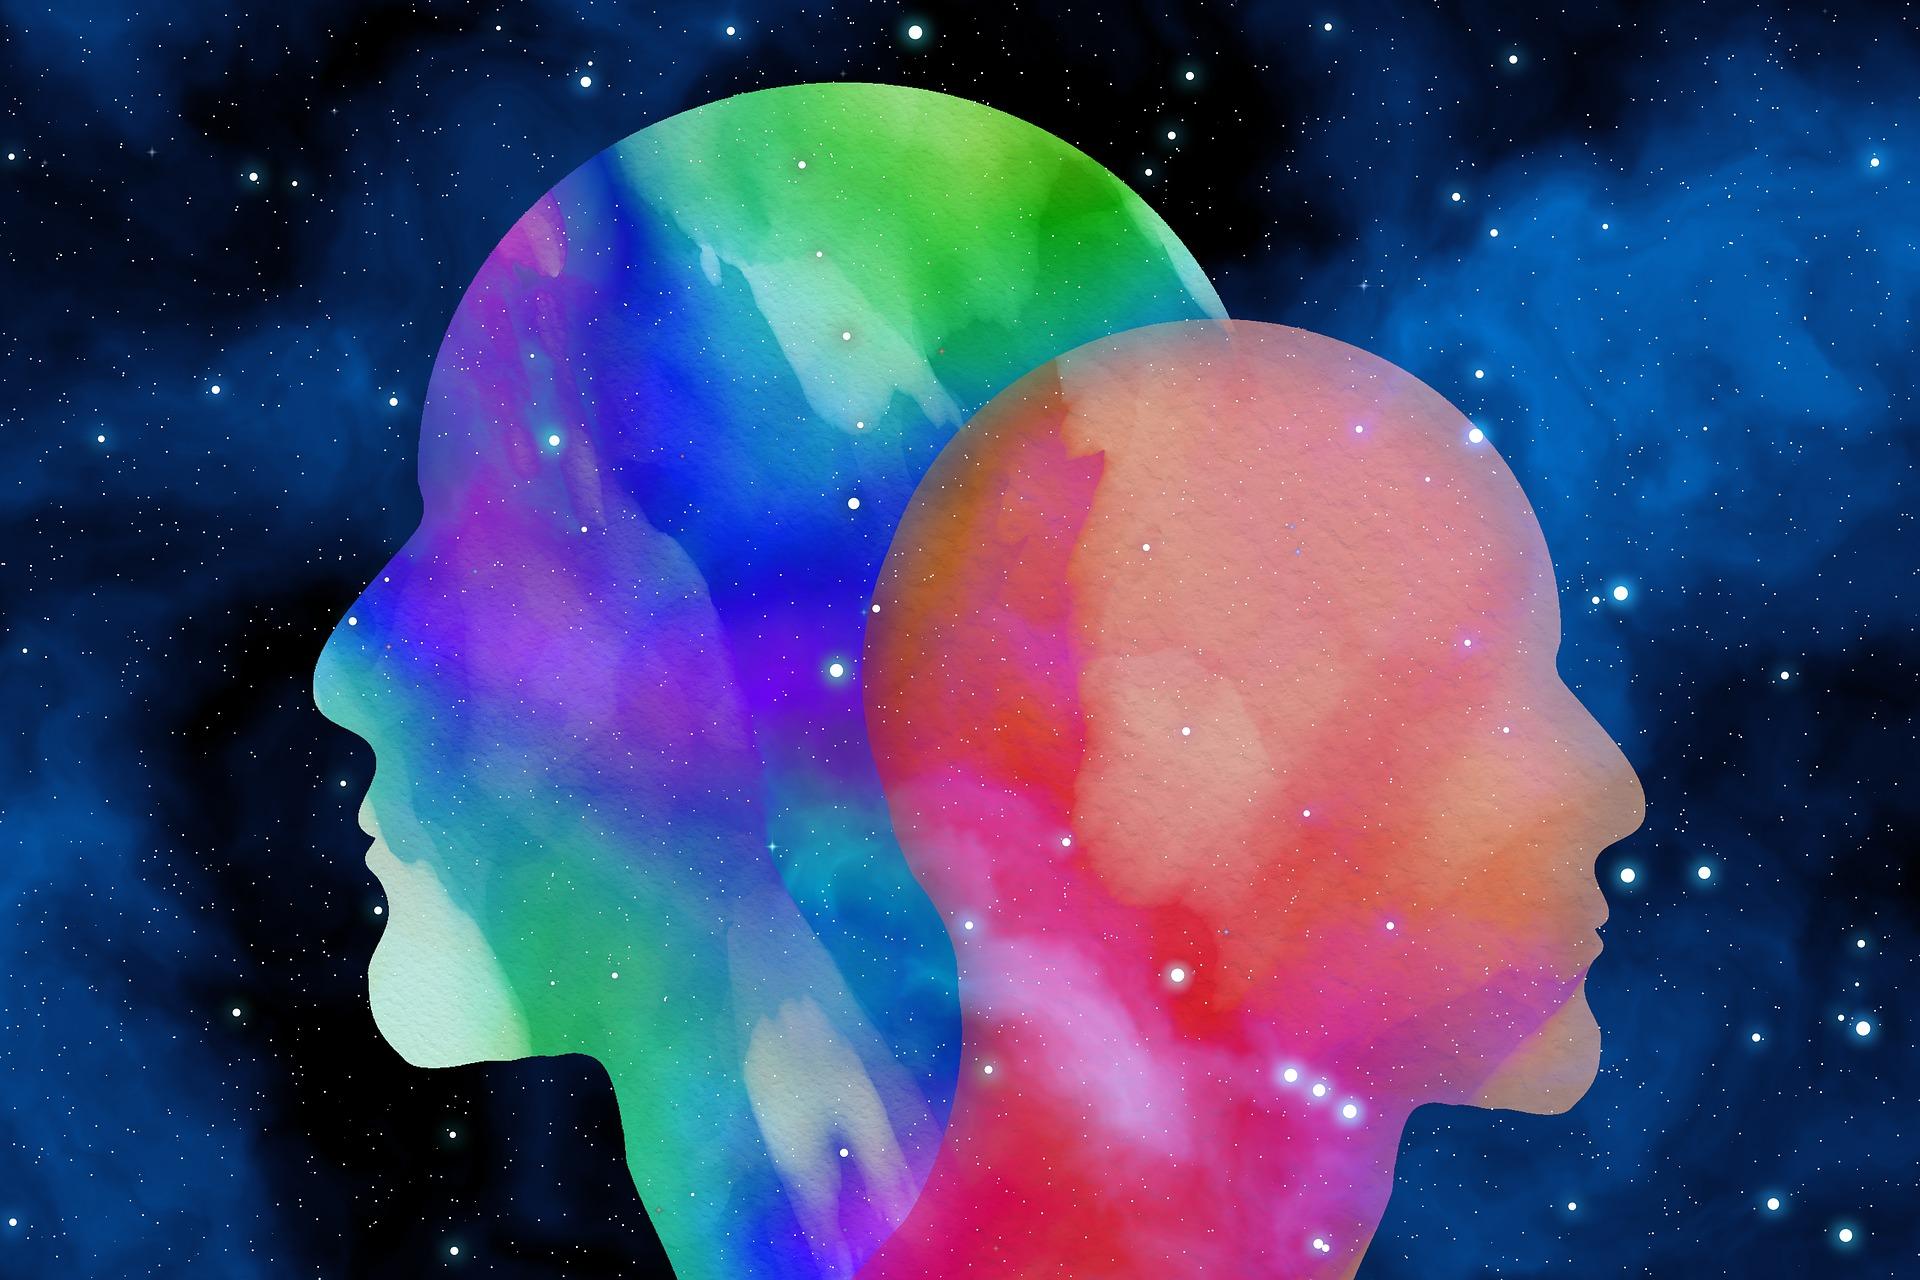 Los recuerdos se estructuran en diferentes tipos de memoria según su naturaleza